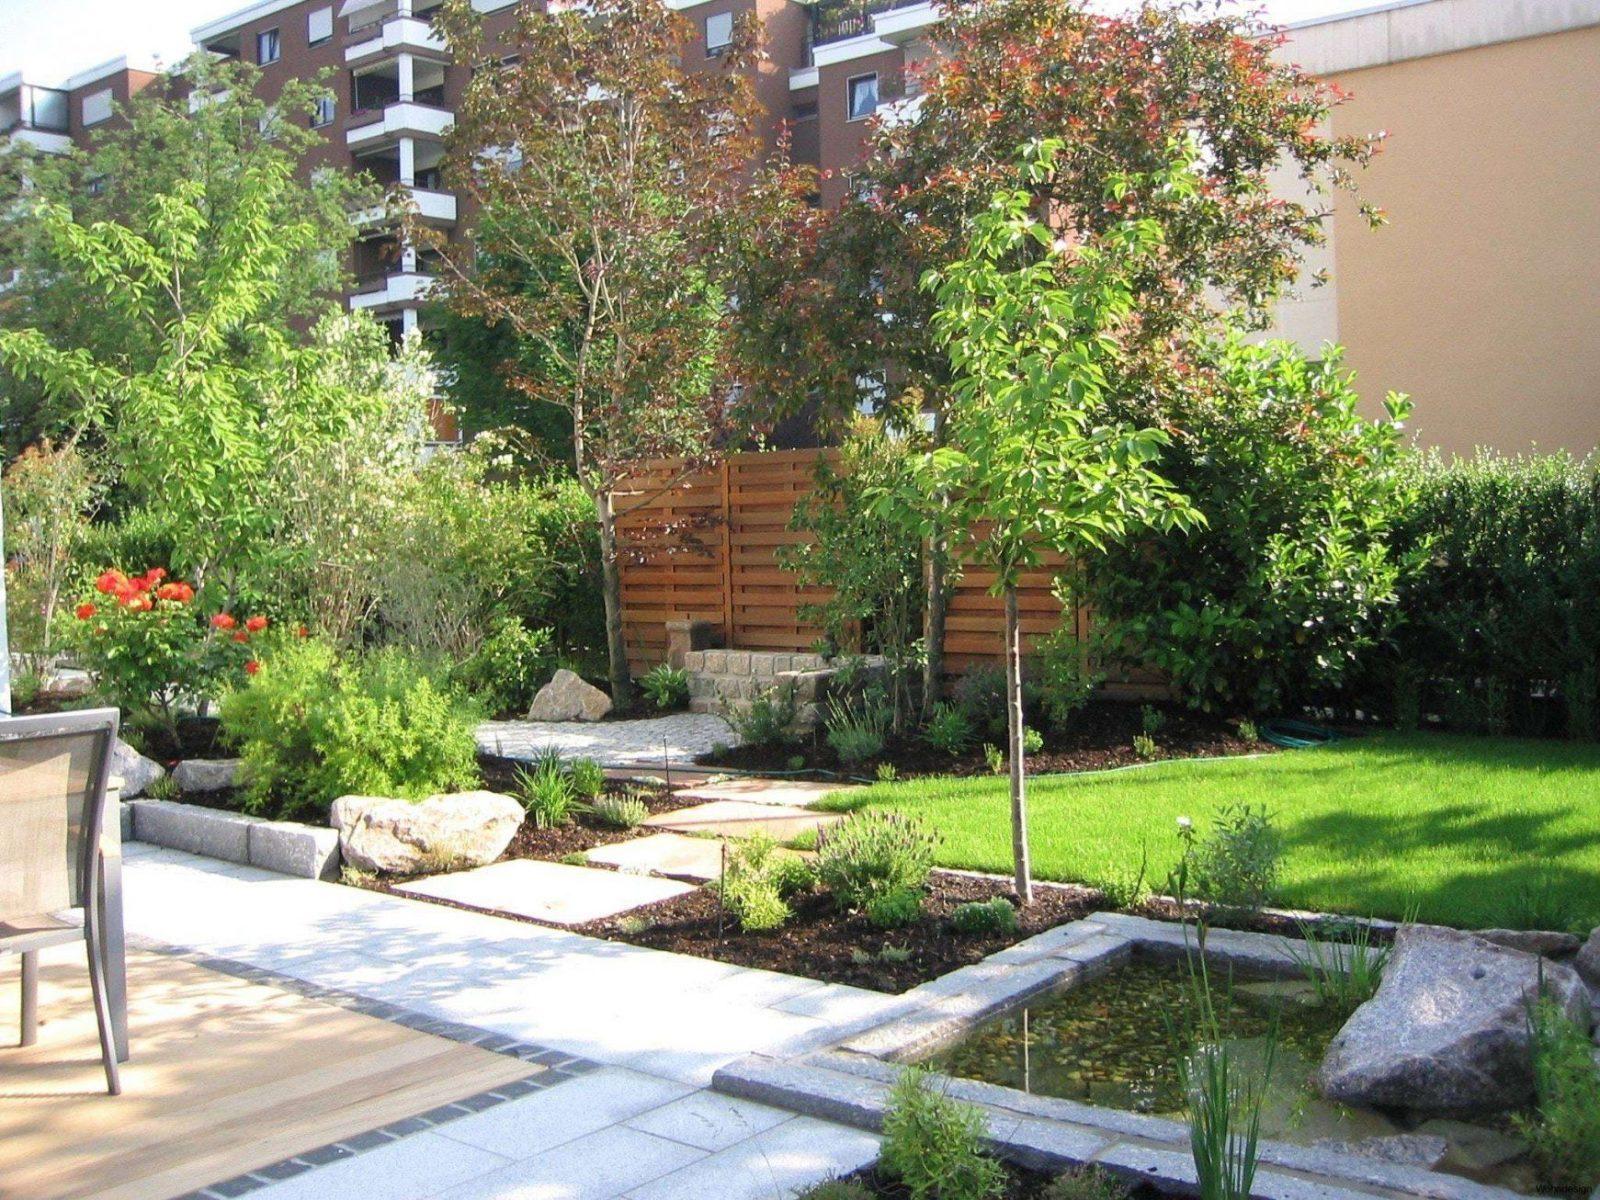 Full Size Moderne Dekoration Idee Wege Garten Und von Japanische Deko Für Garten Photo